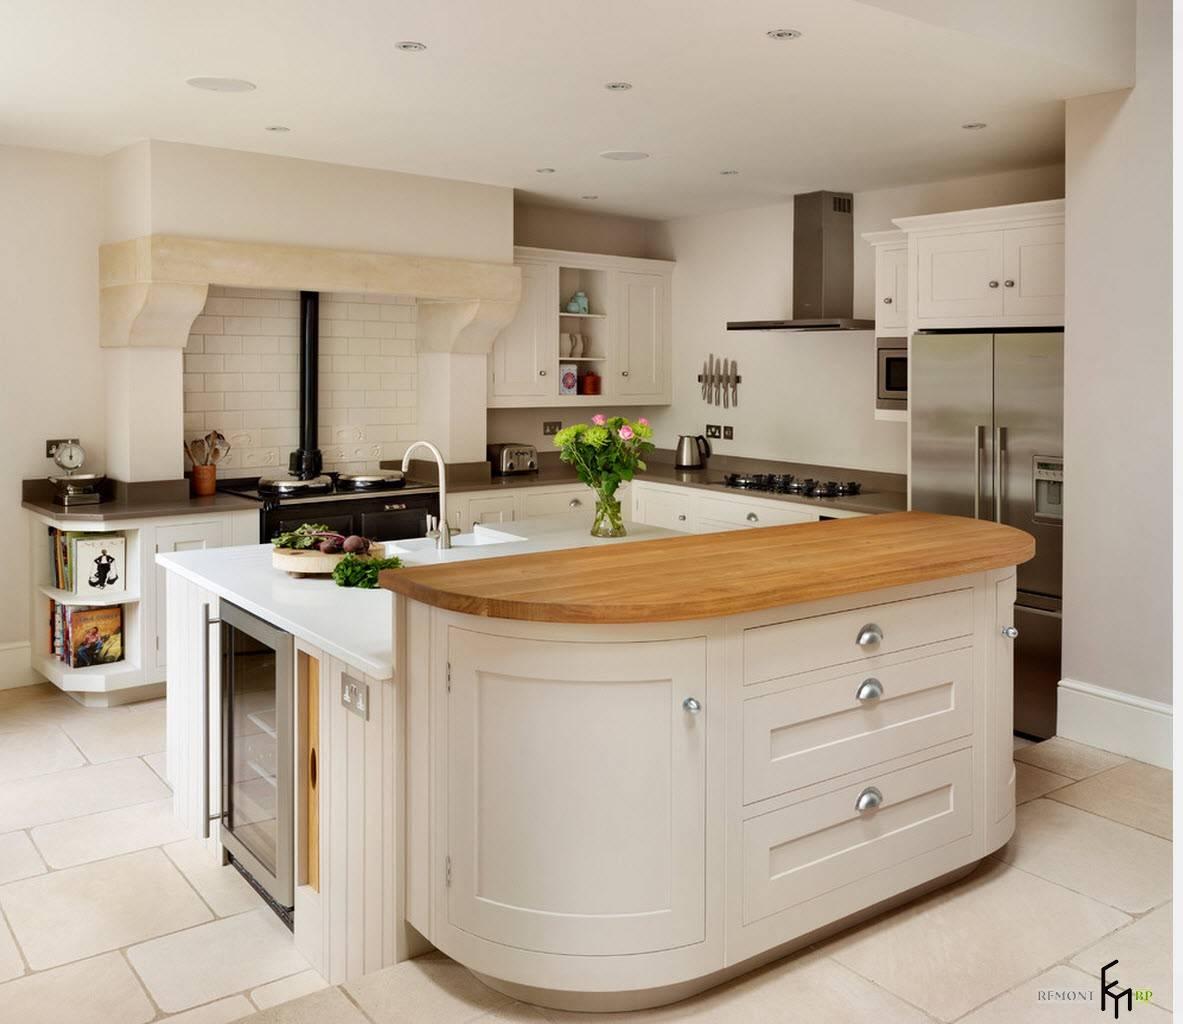 Планировка кухни (68 фото): как грамотно спланировать кухню с островом? варианты и виды плана кухни в частном доме и в квартире